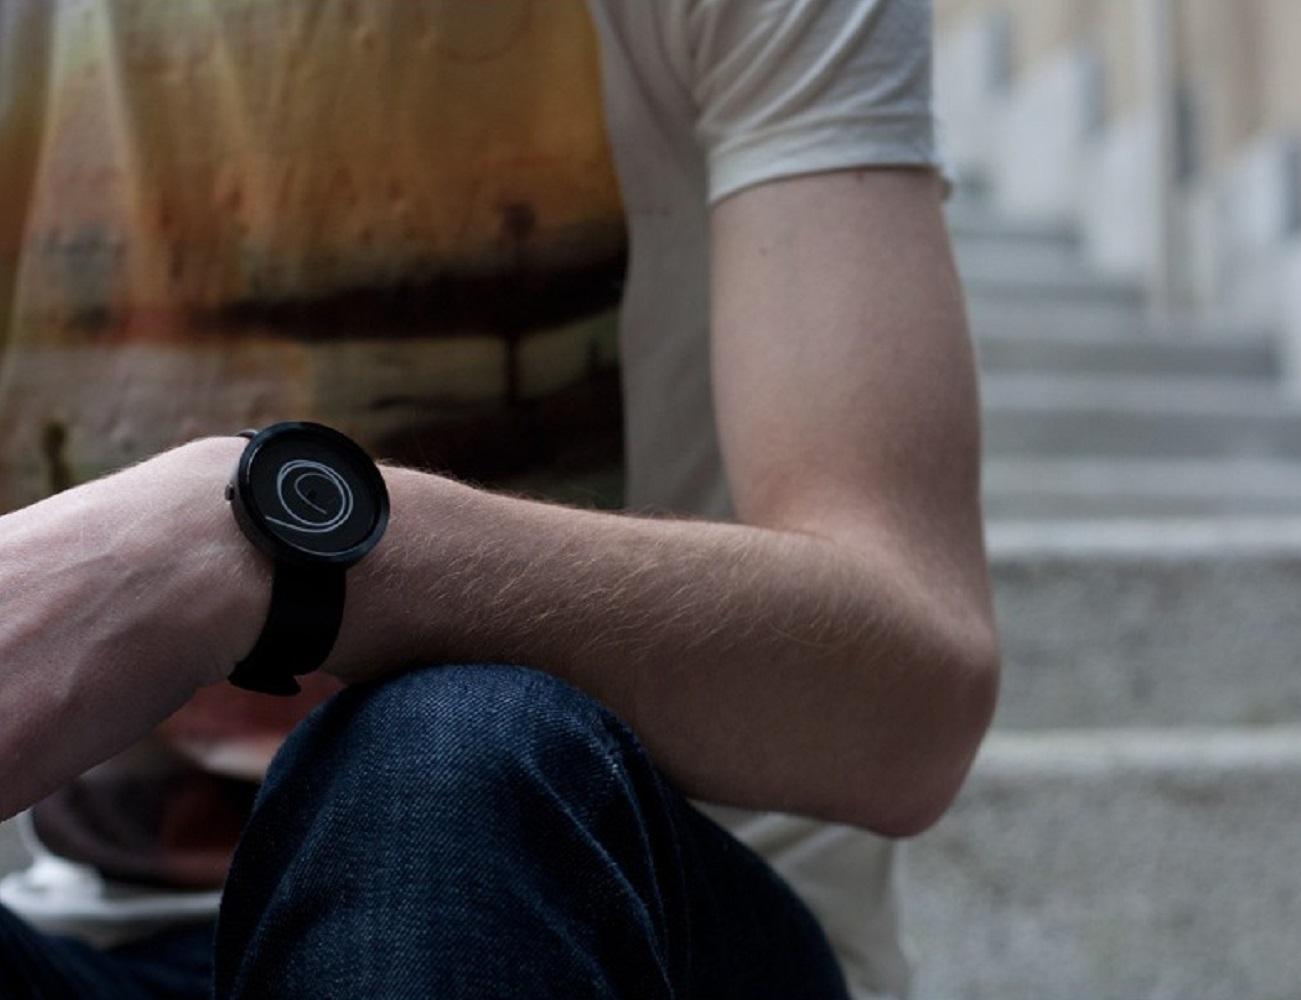 Ora Unica Watch